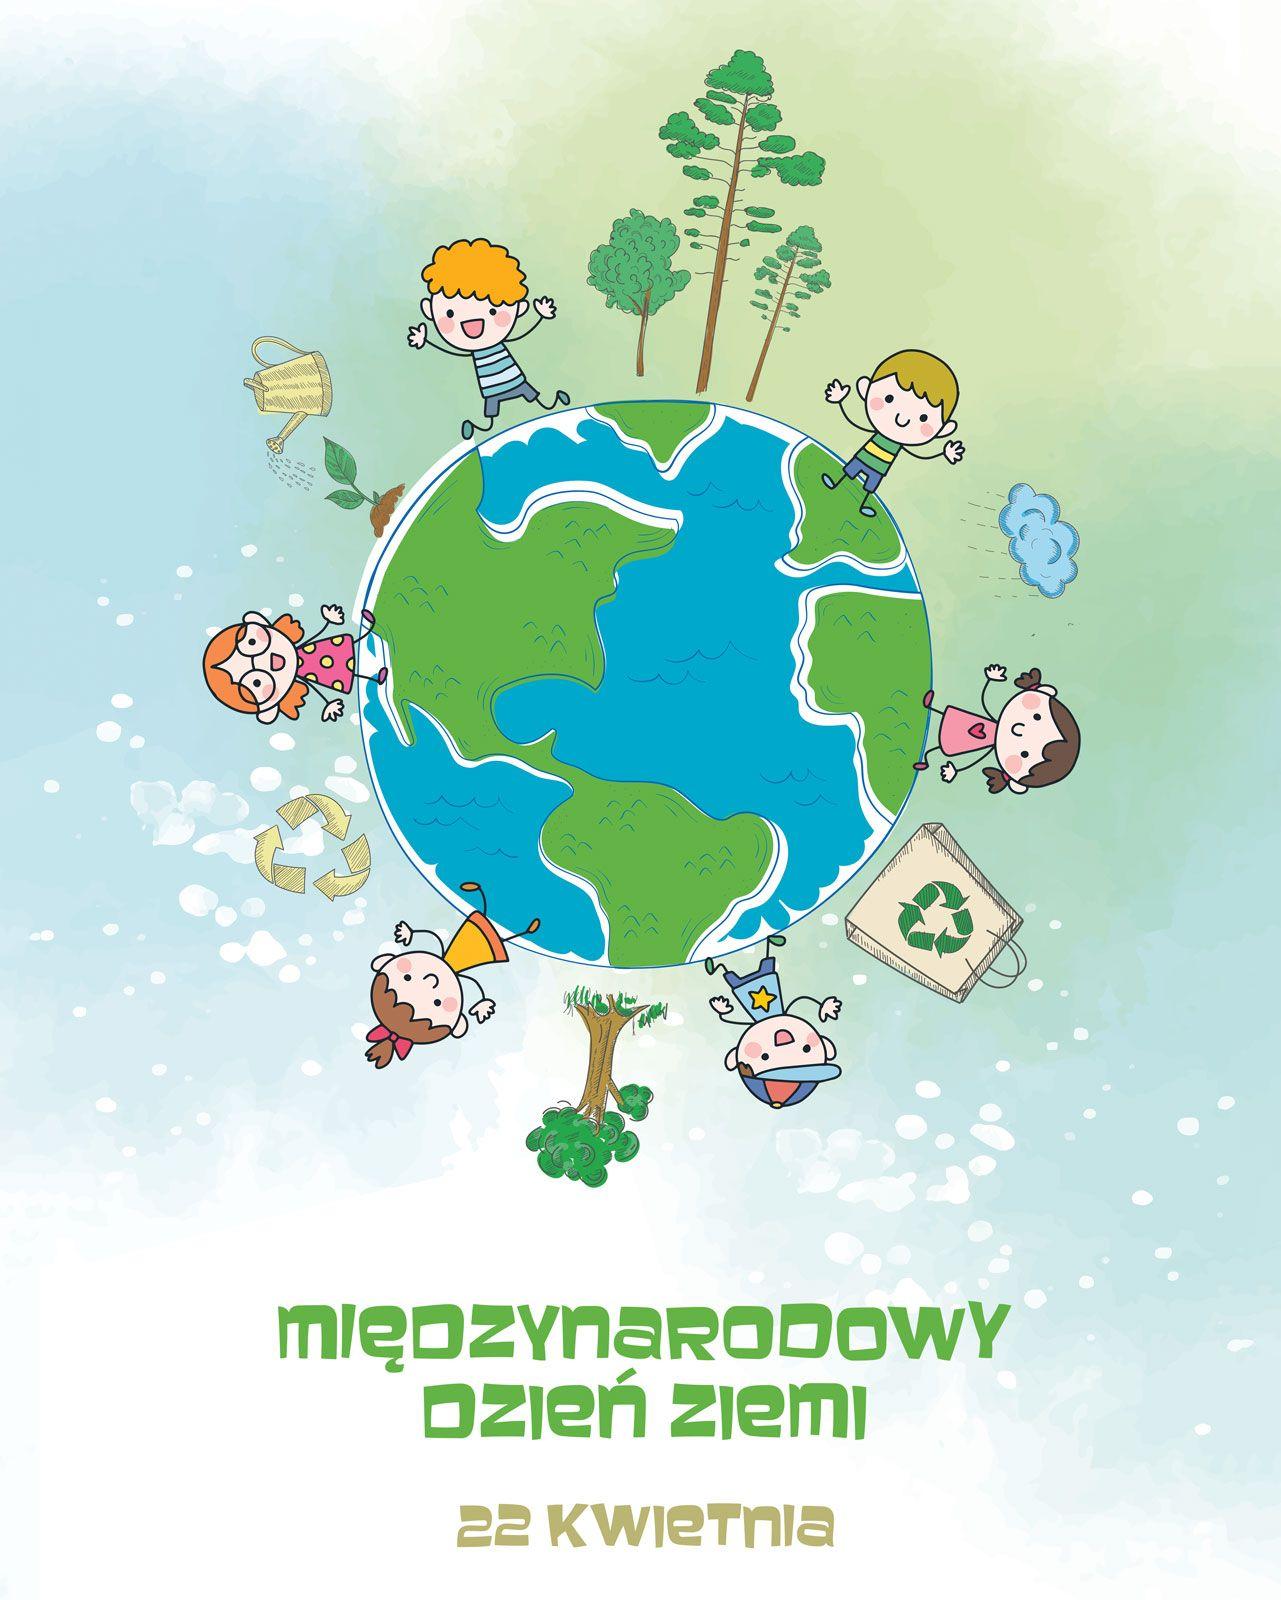 Plakat na Międzynarodowy Dzień Ziemi 40x50 cm | oficjalny sklep Nice Wall